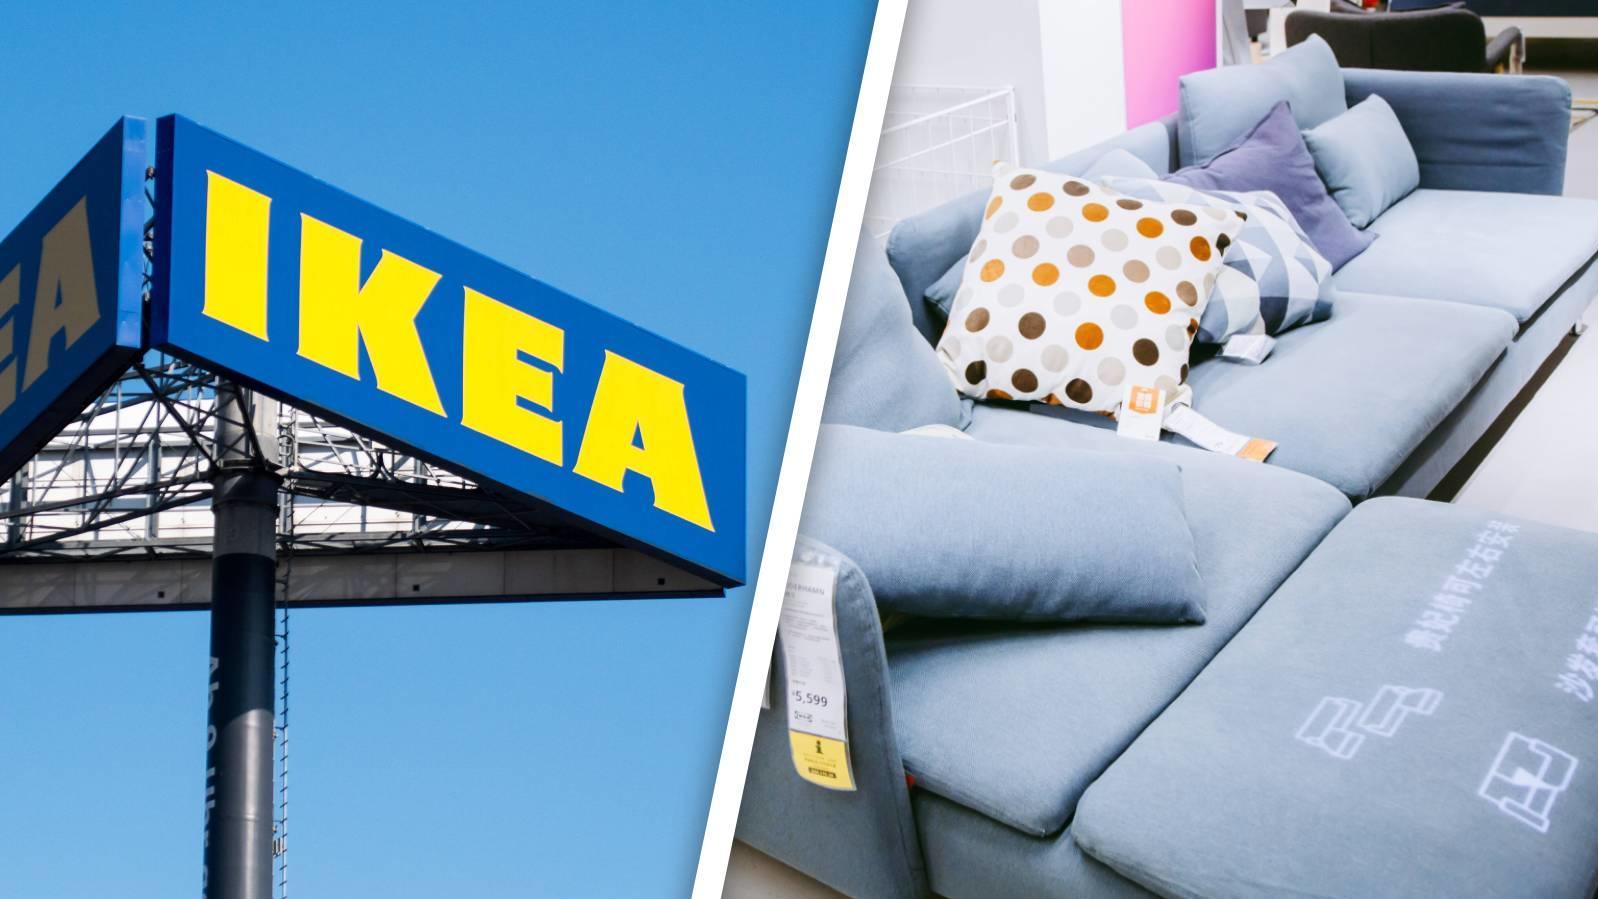 Ikea kauft im November gebrauchte Möbel zurück!